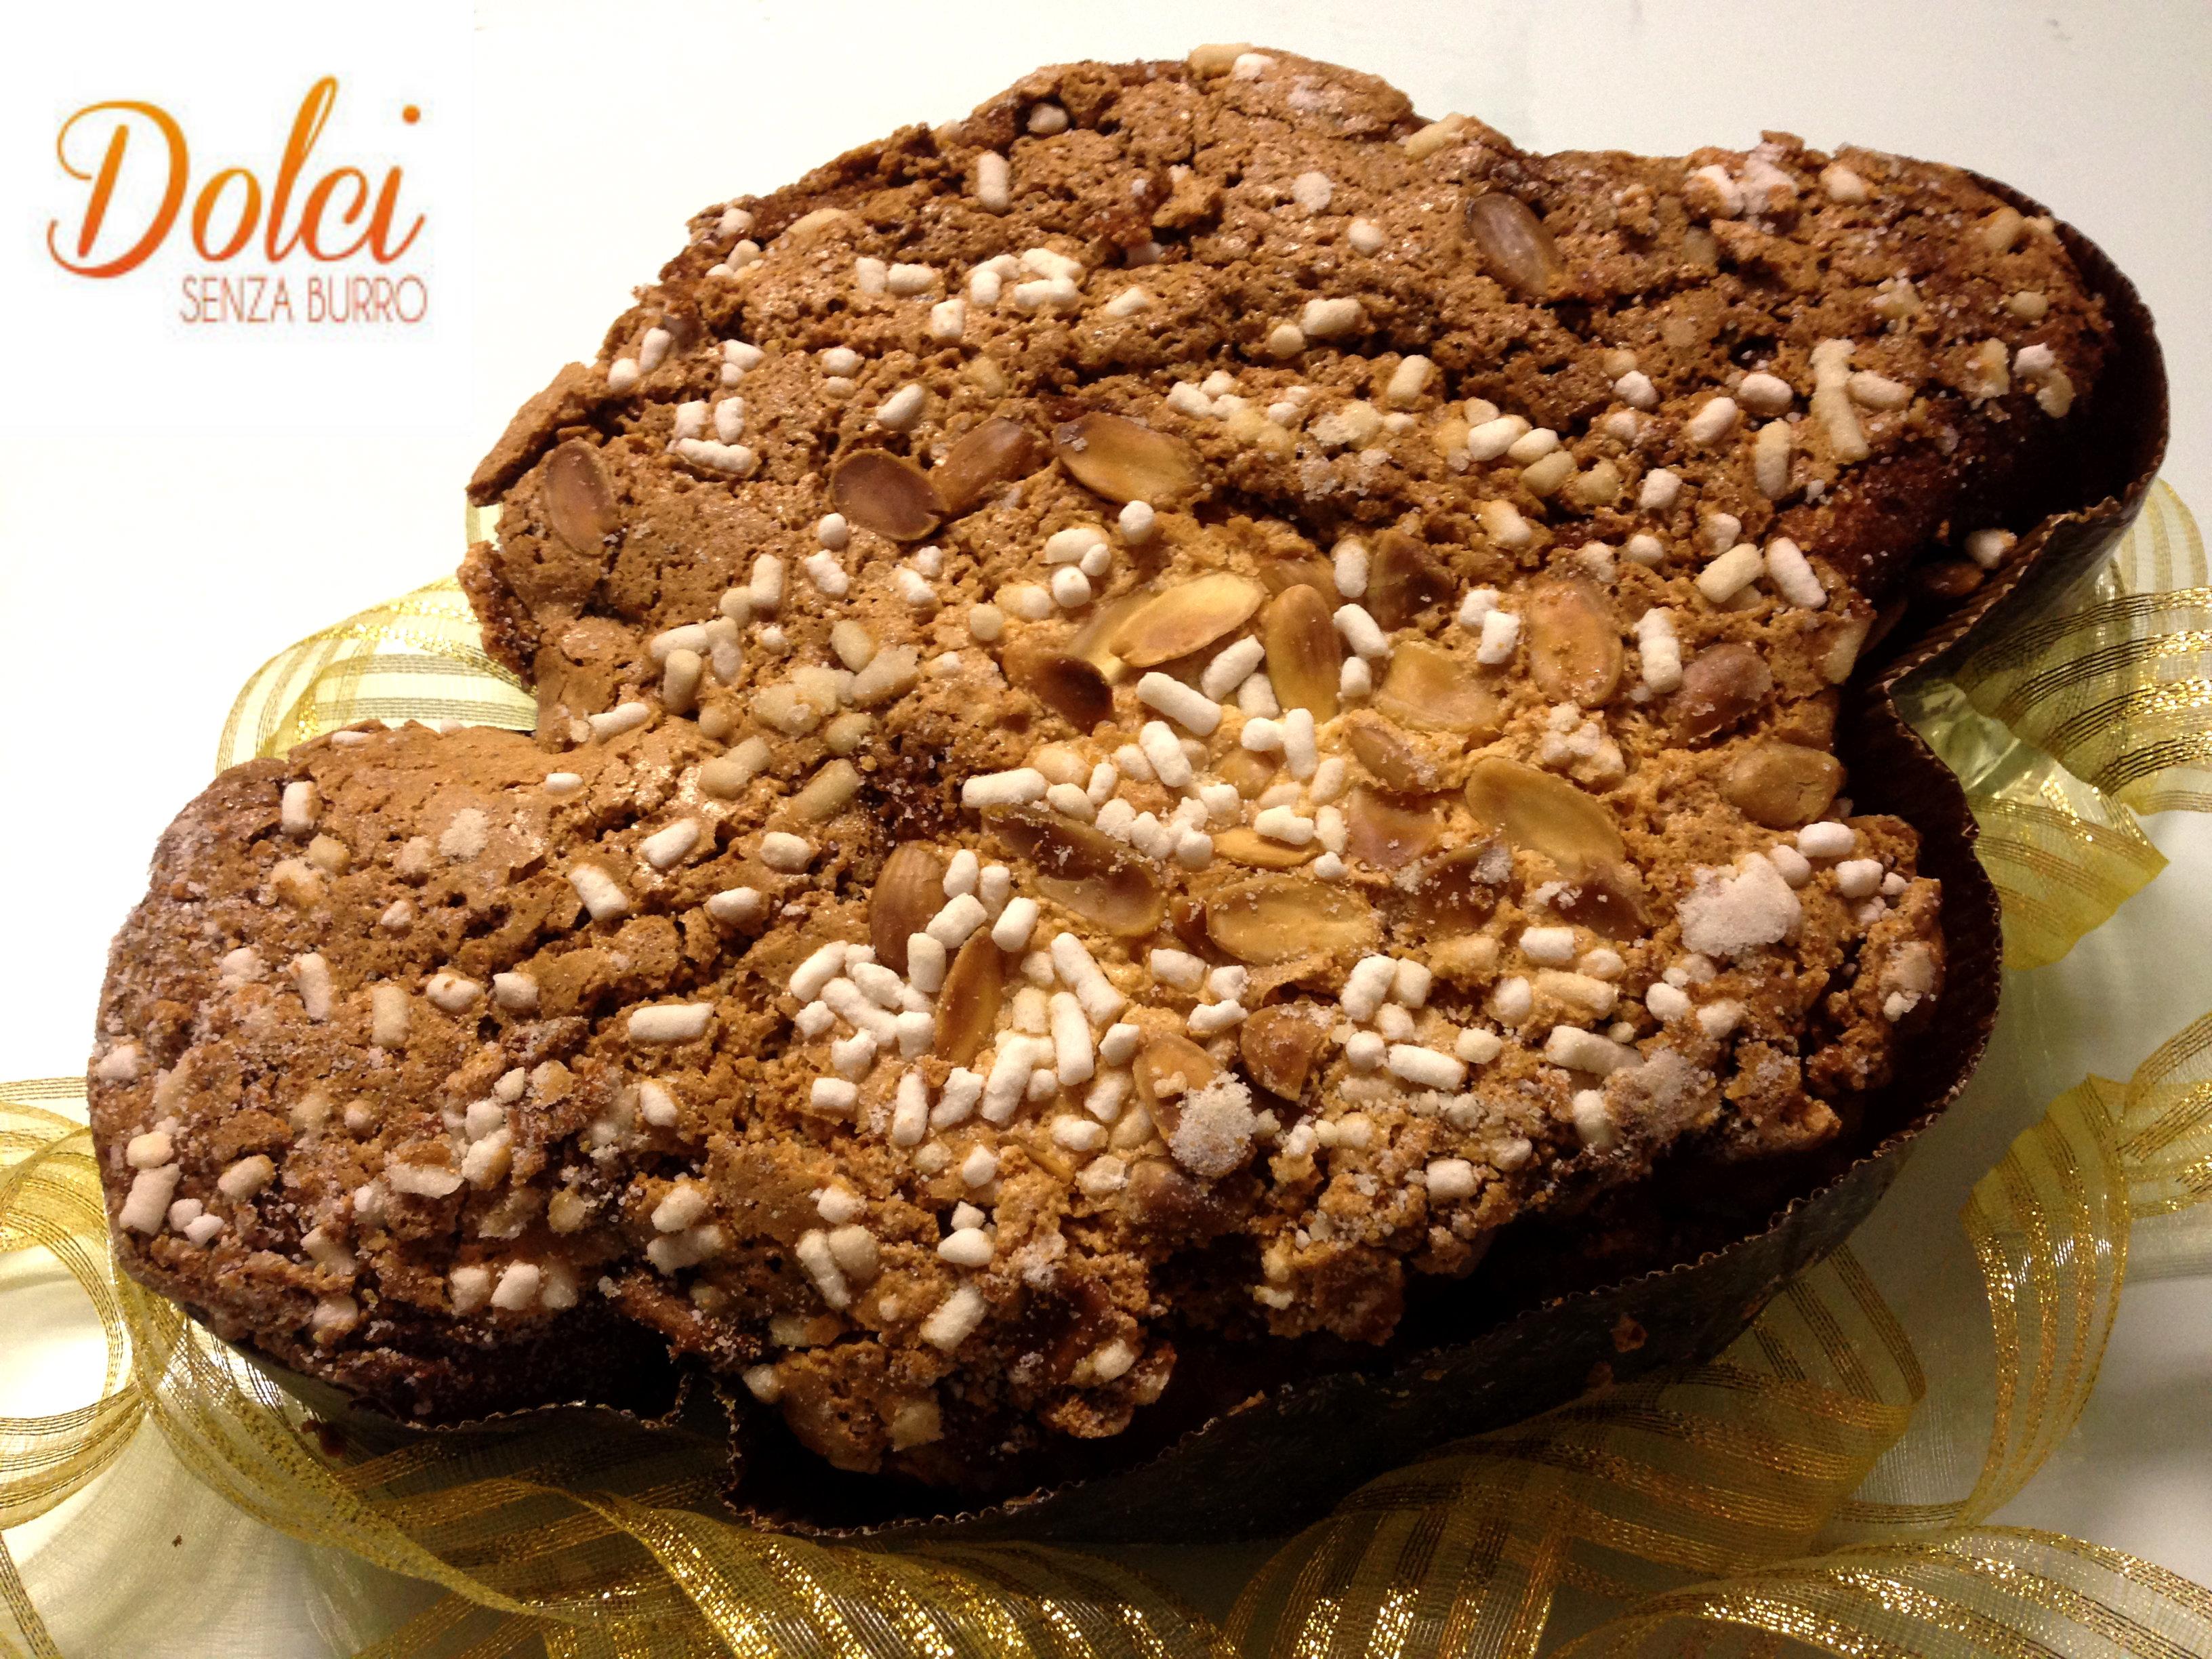 La Colomba Senza Burro non può mancare a Pasqua più leggera e digeribile ma carica di gusto di dolci senza burro